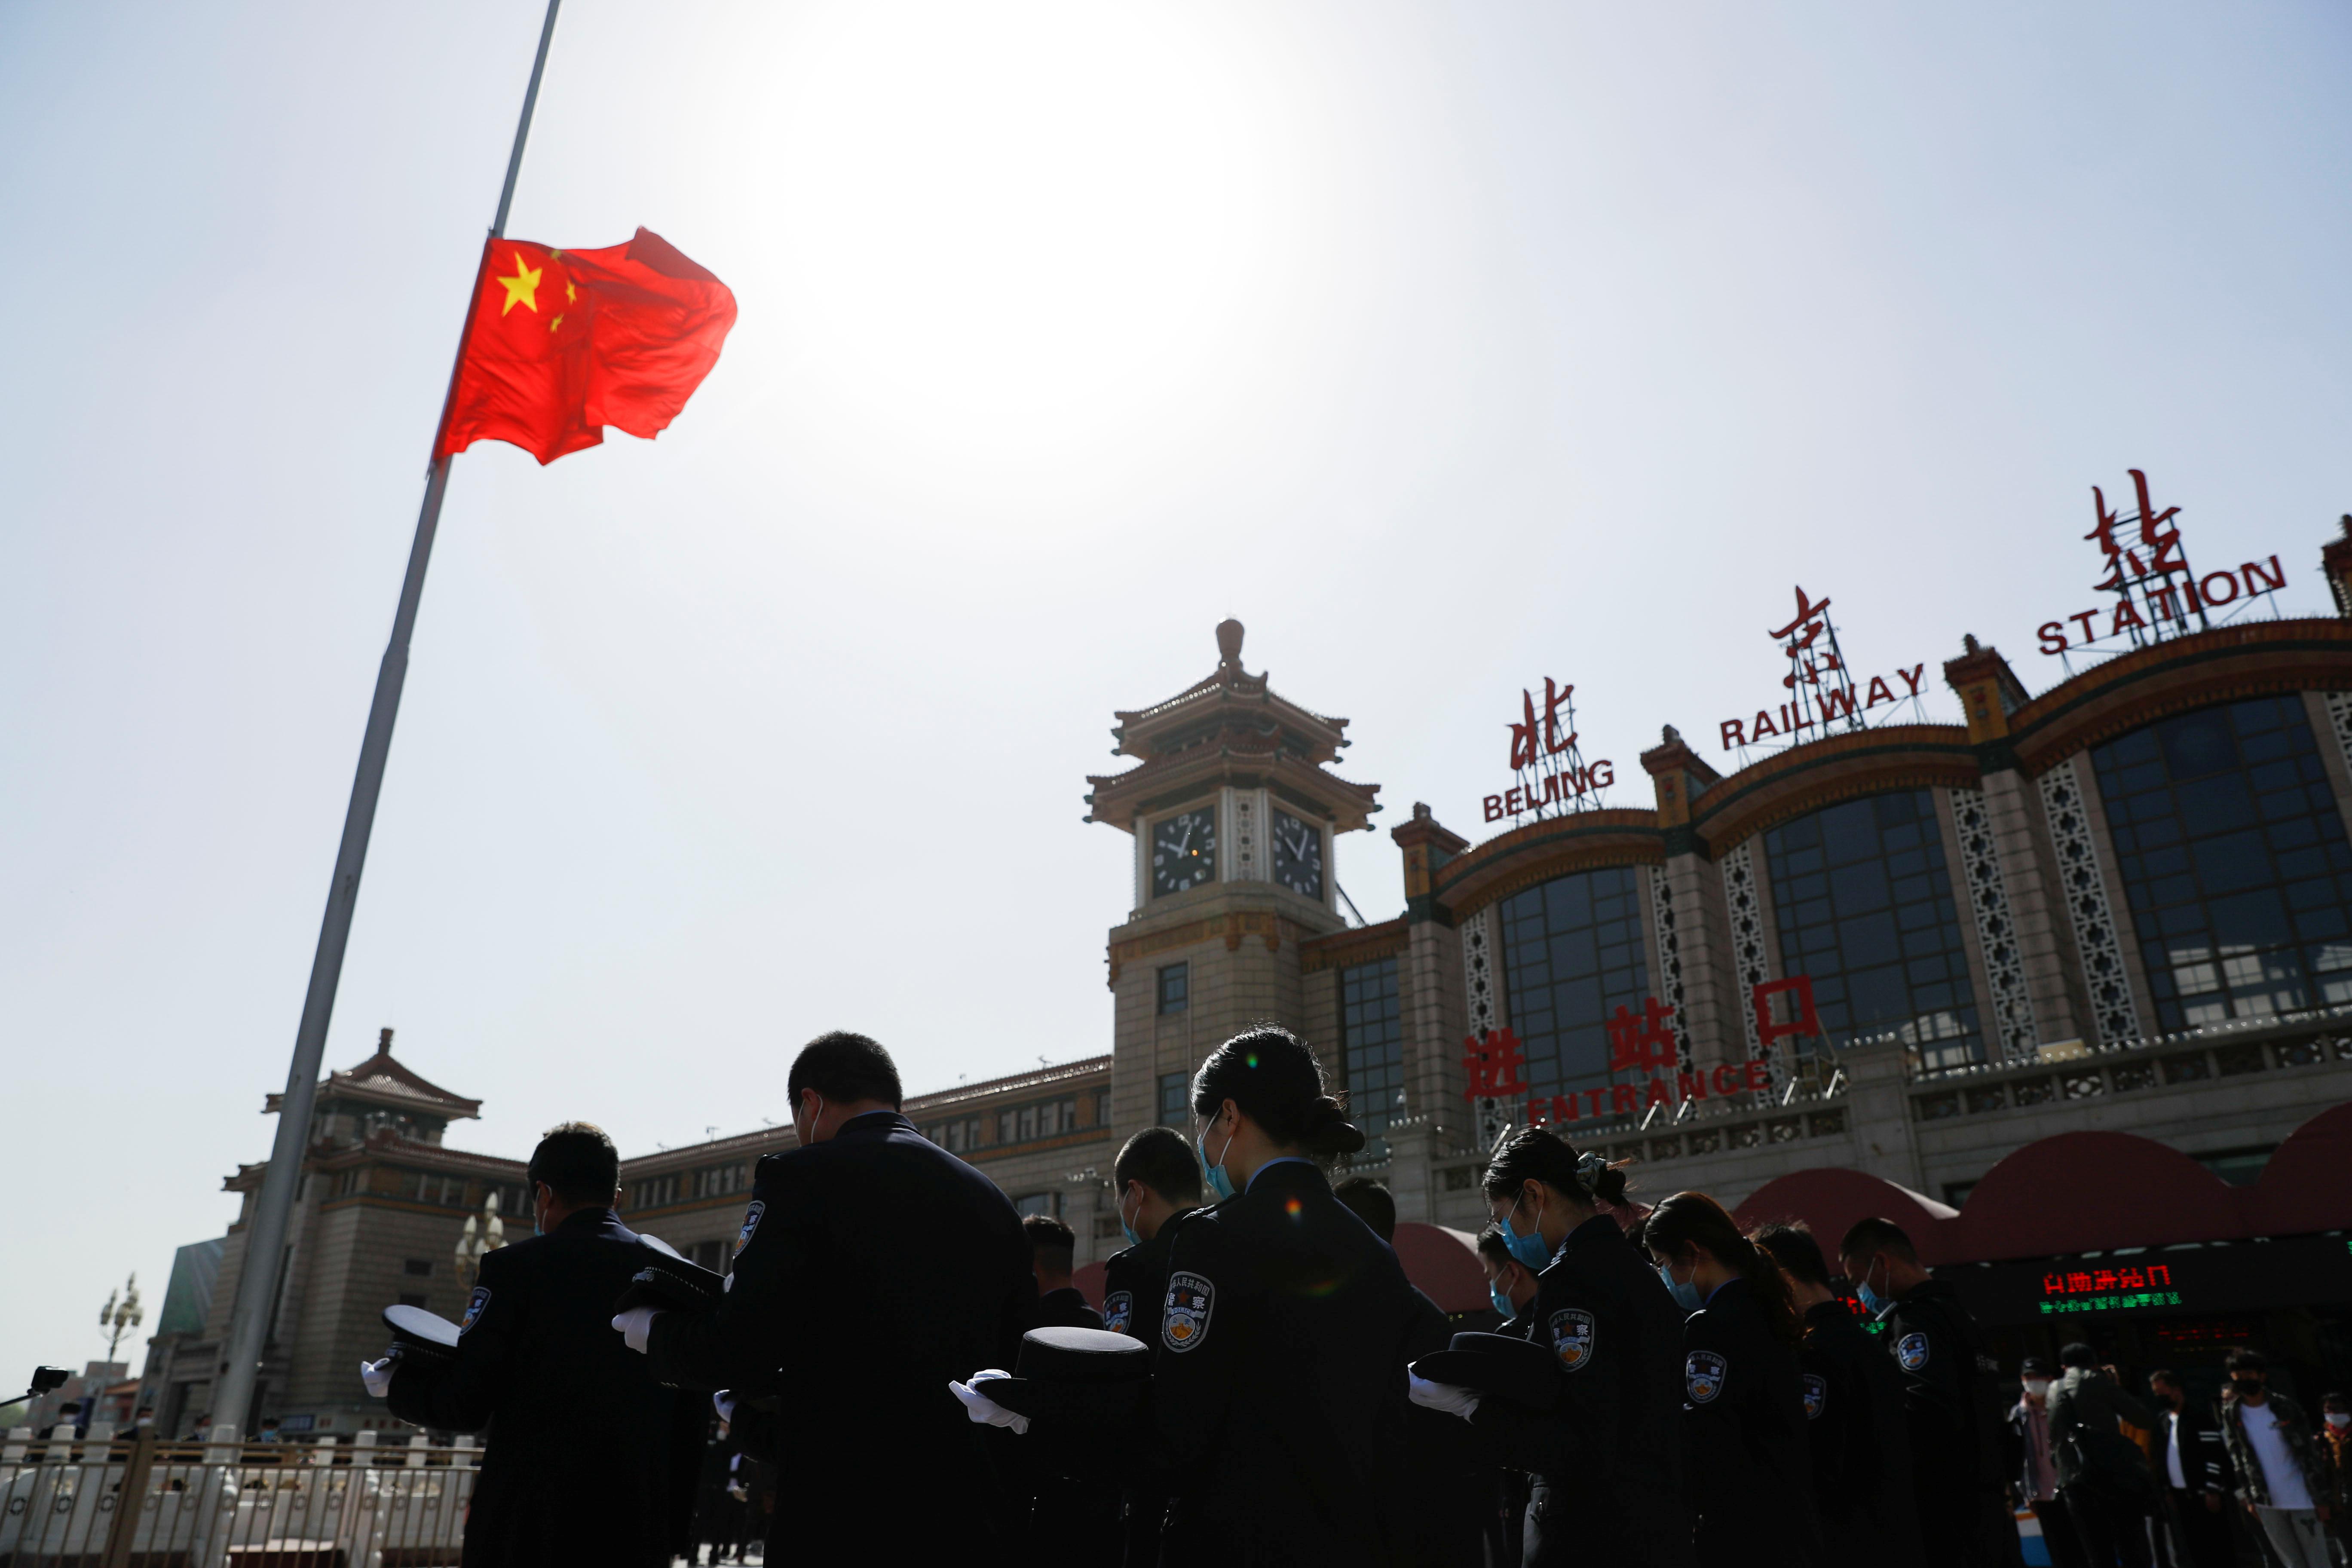 حداد وطنى وتنكيس الاعلام فى الصين بسبب ضحايا كورونا